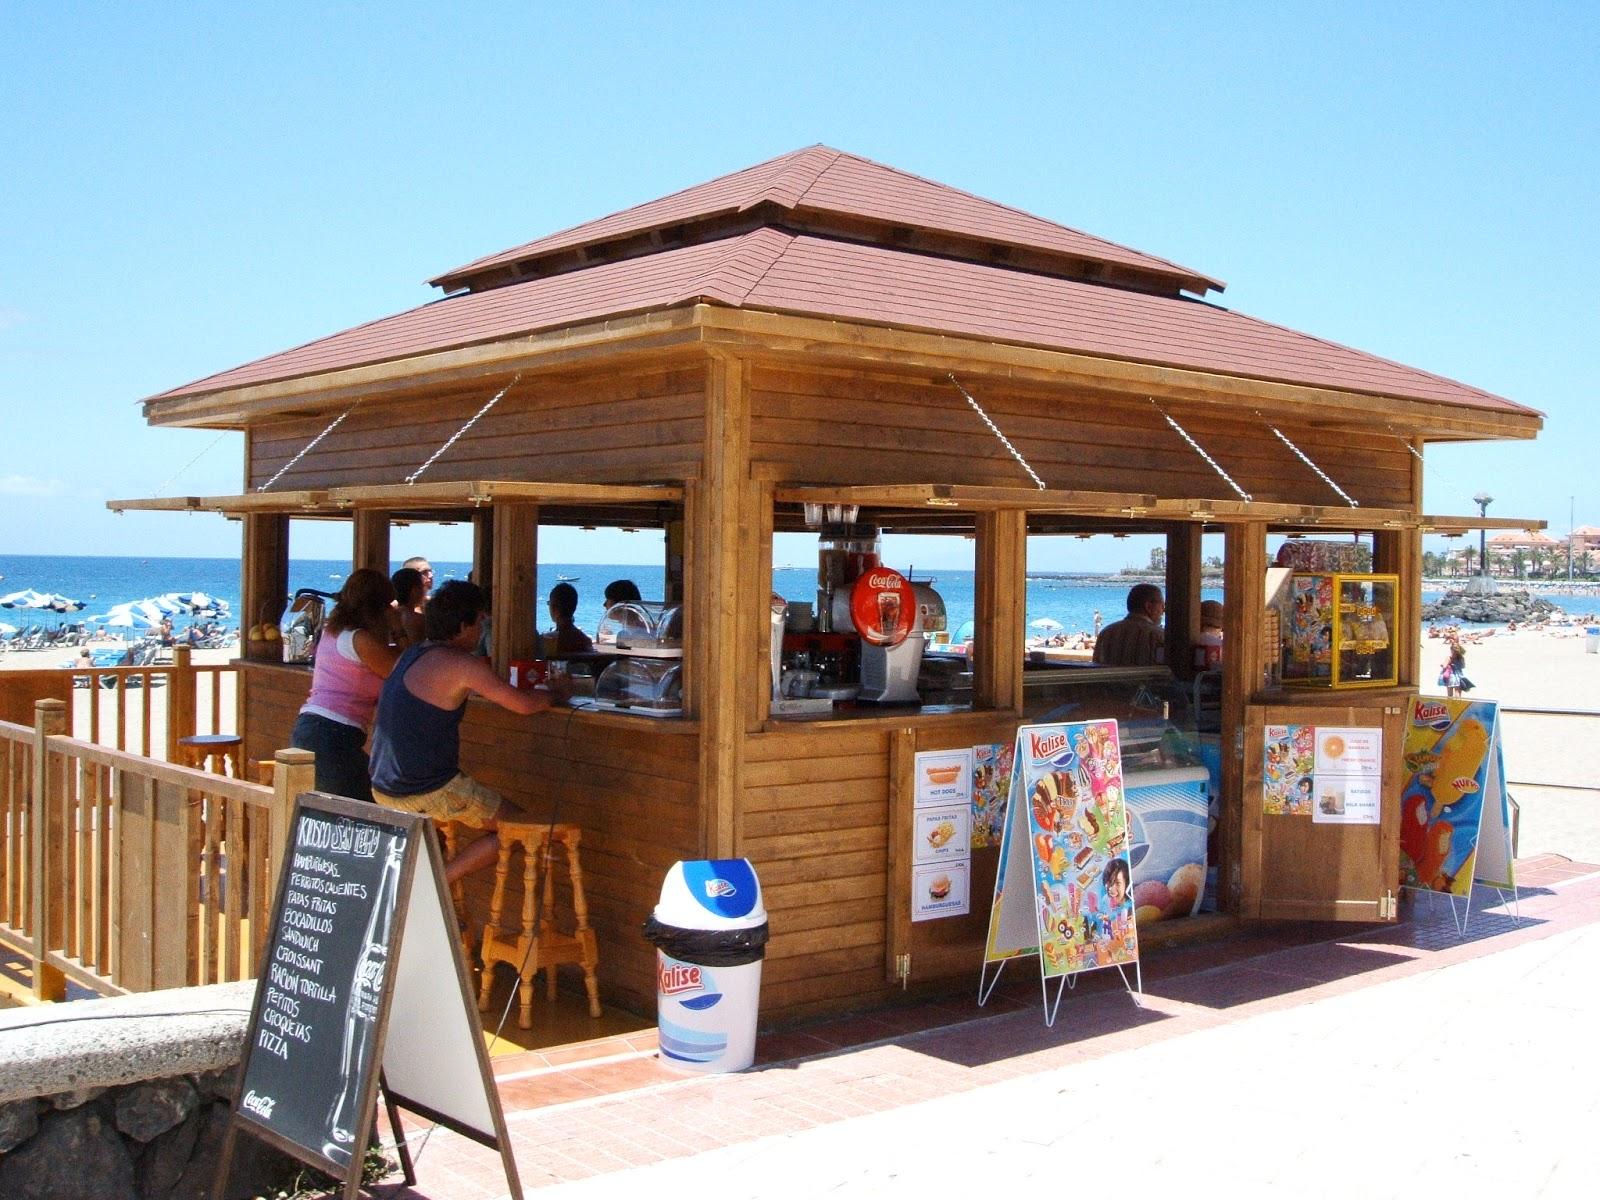 Carpimob global kiosko chiringo playa las vistas los for Kioscos de madera baratos